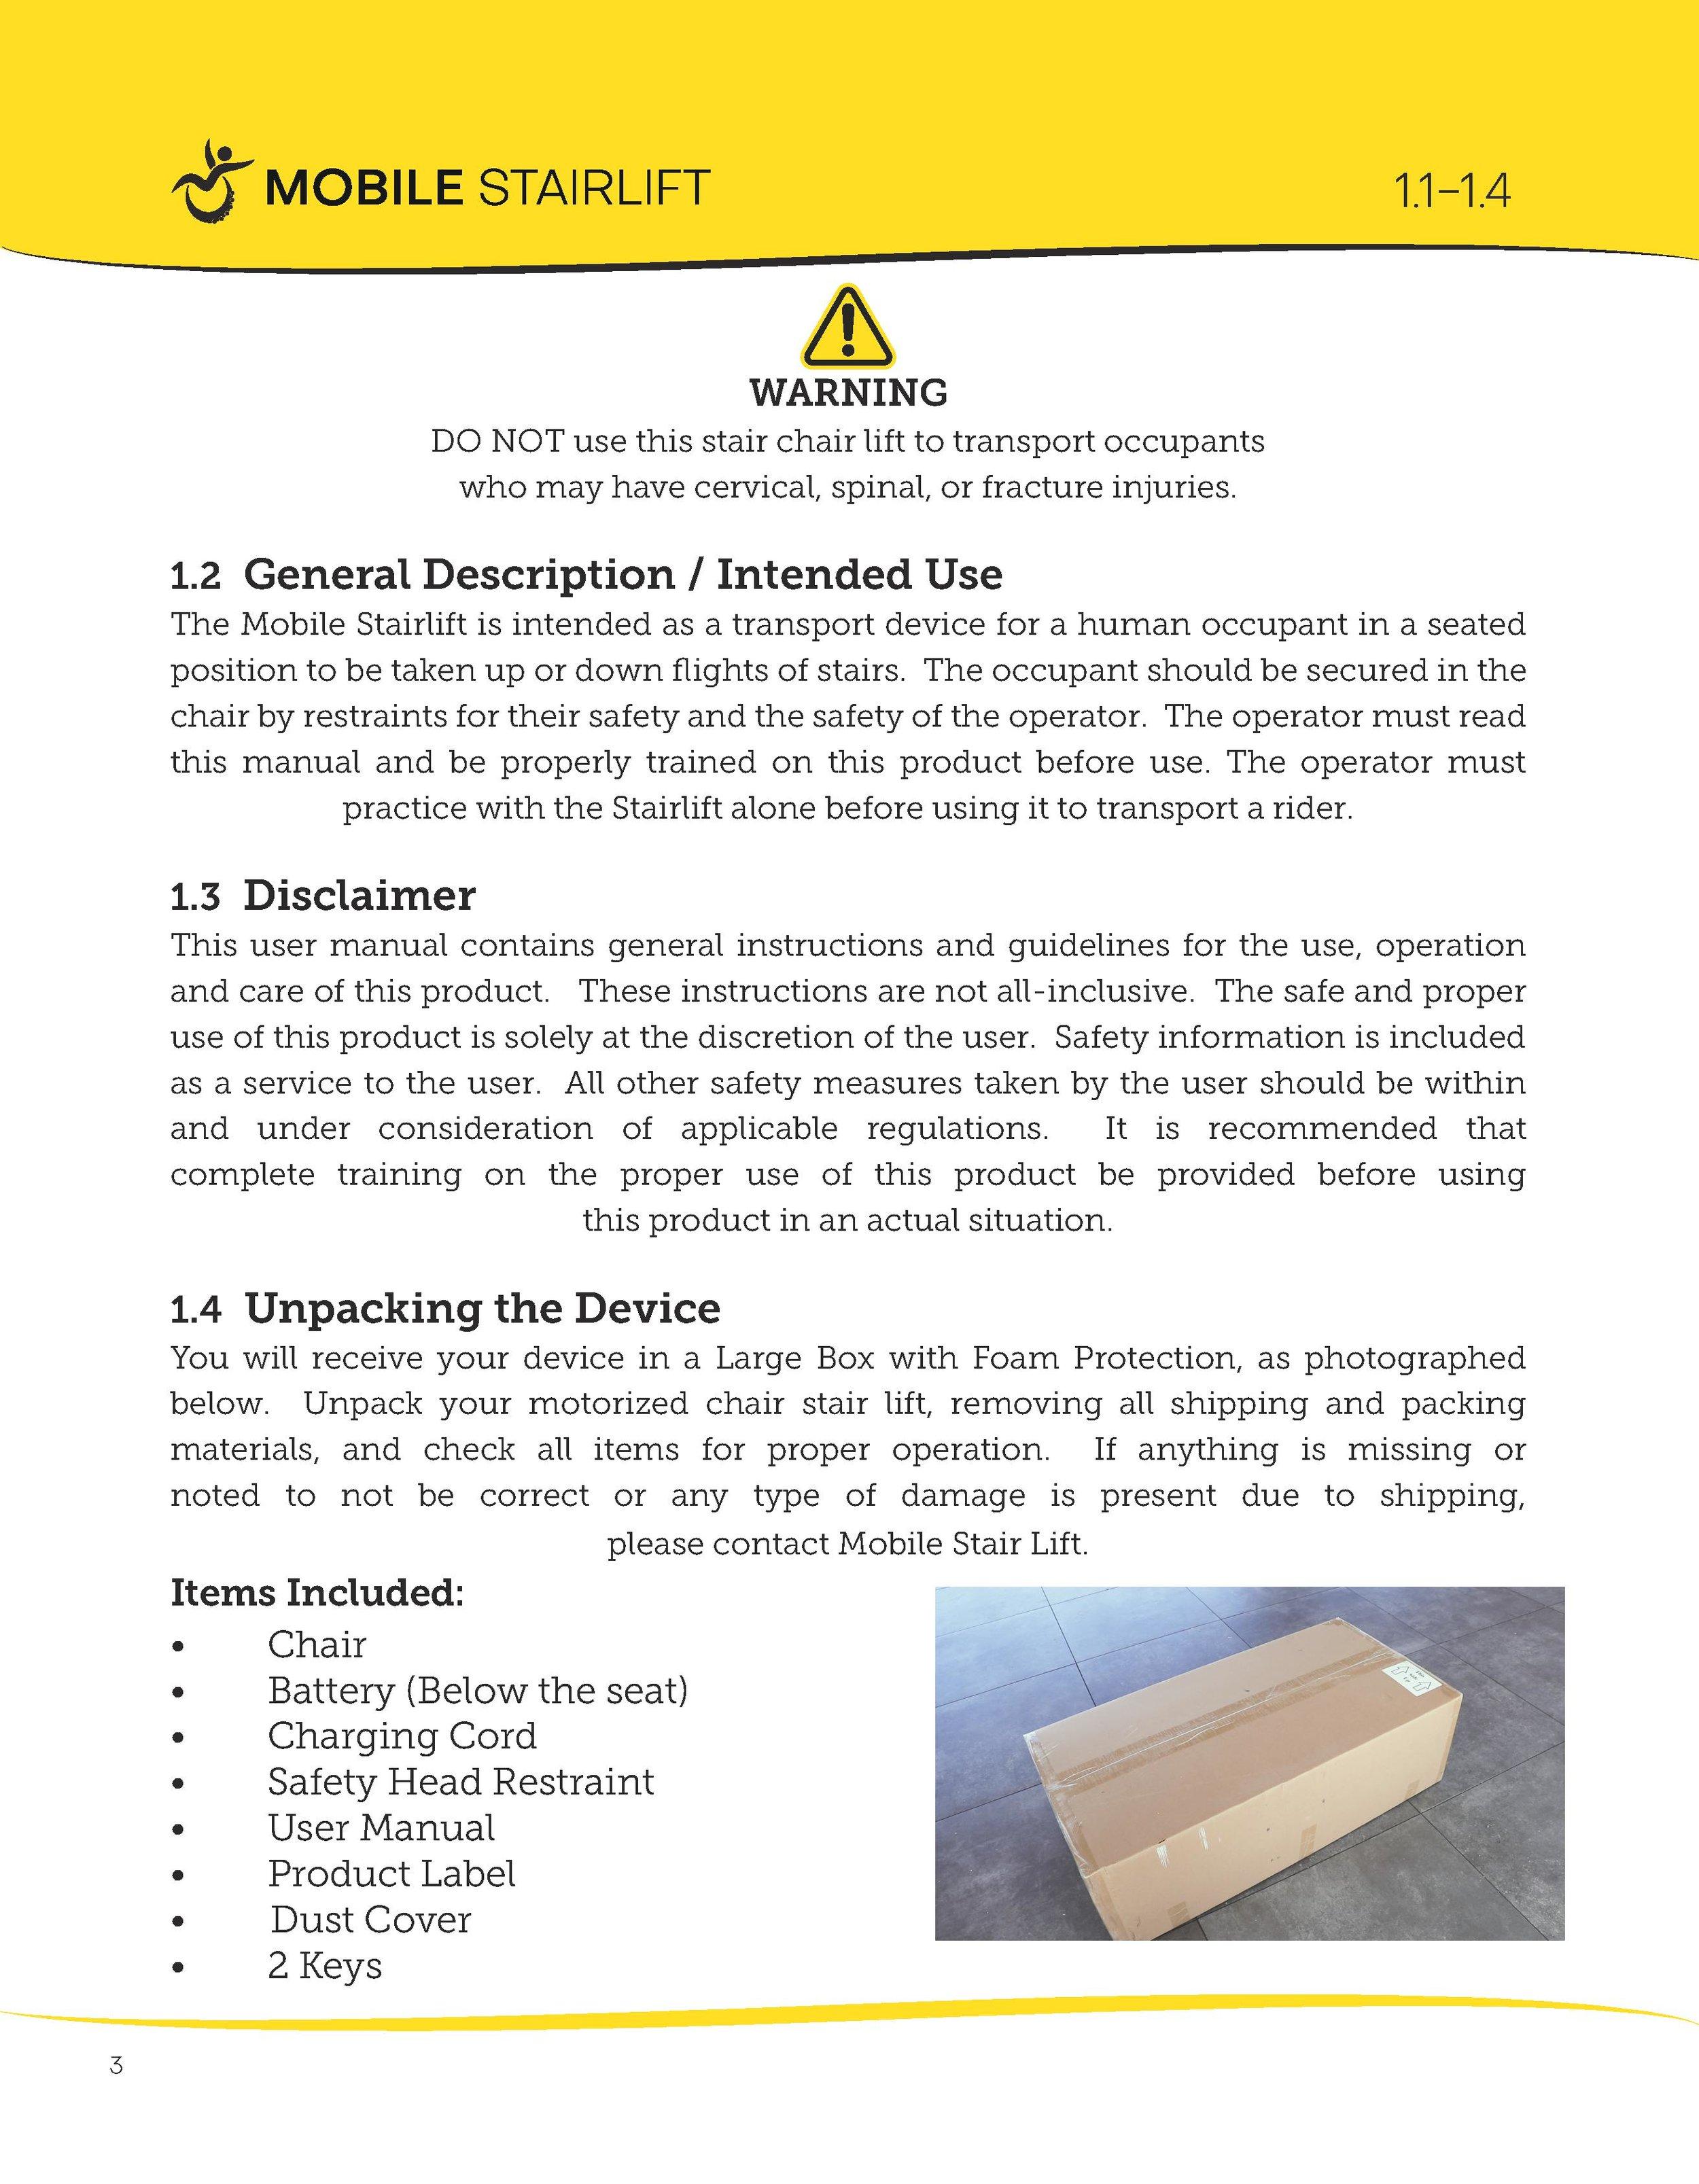 Mobile Stairlift Instruction Manual-4.jpg